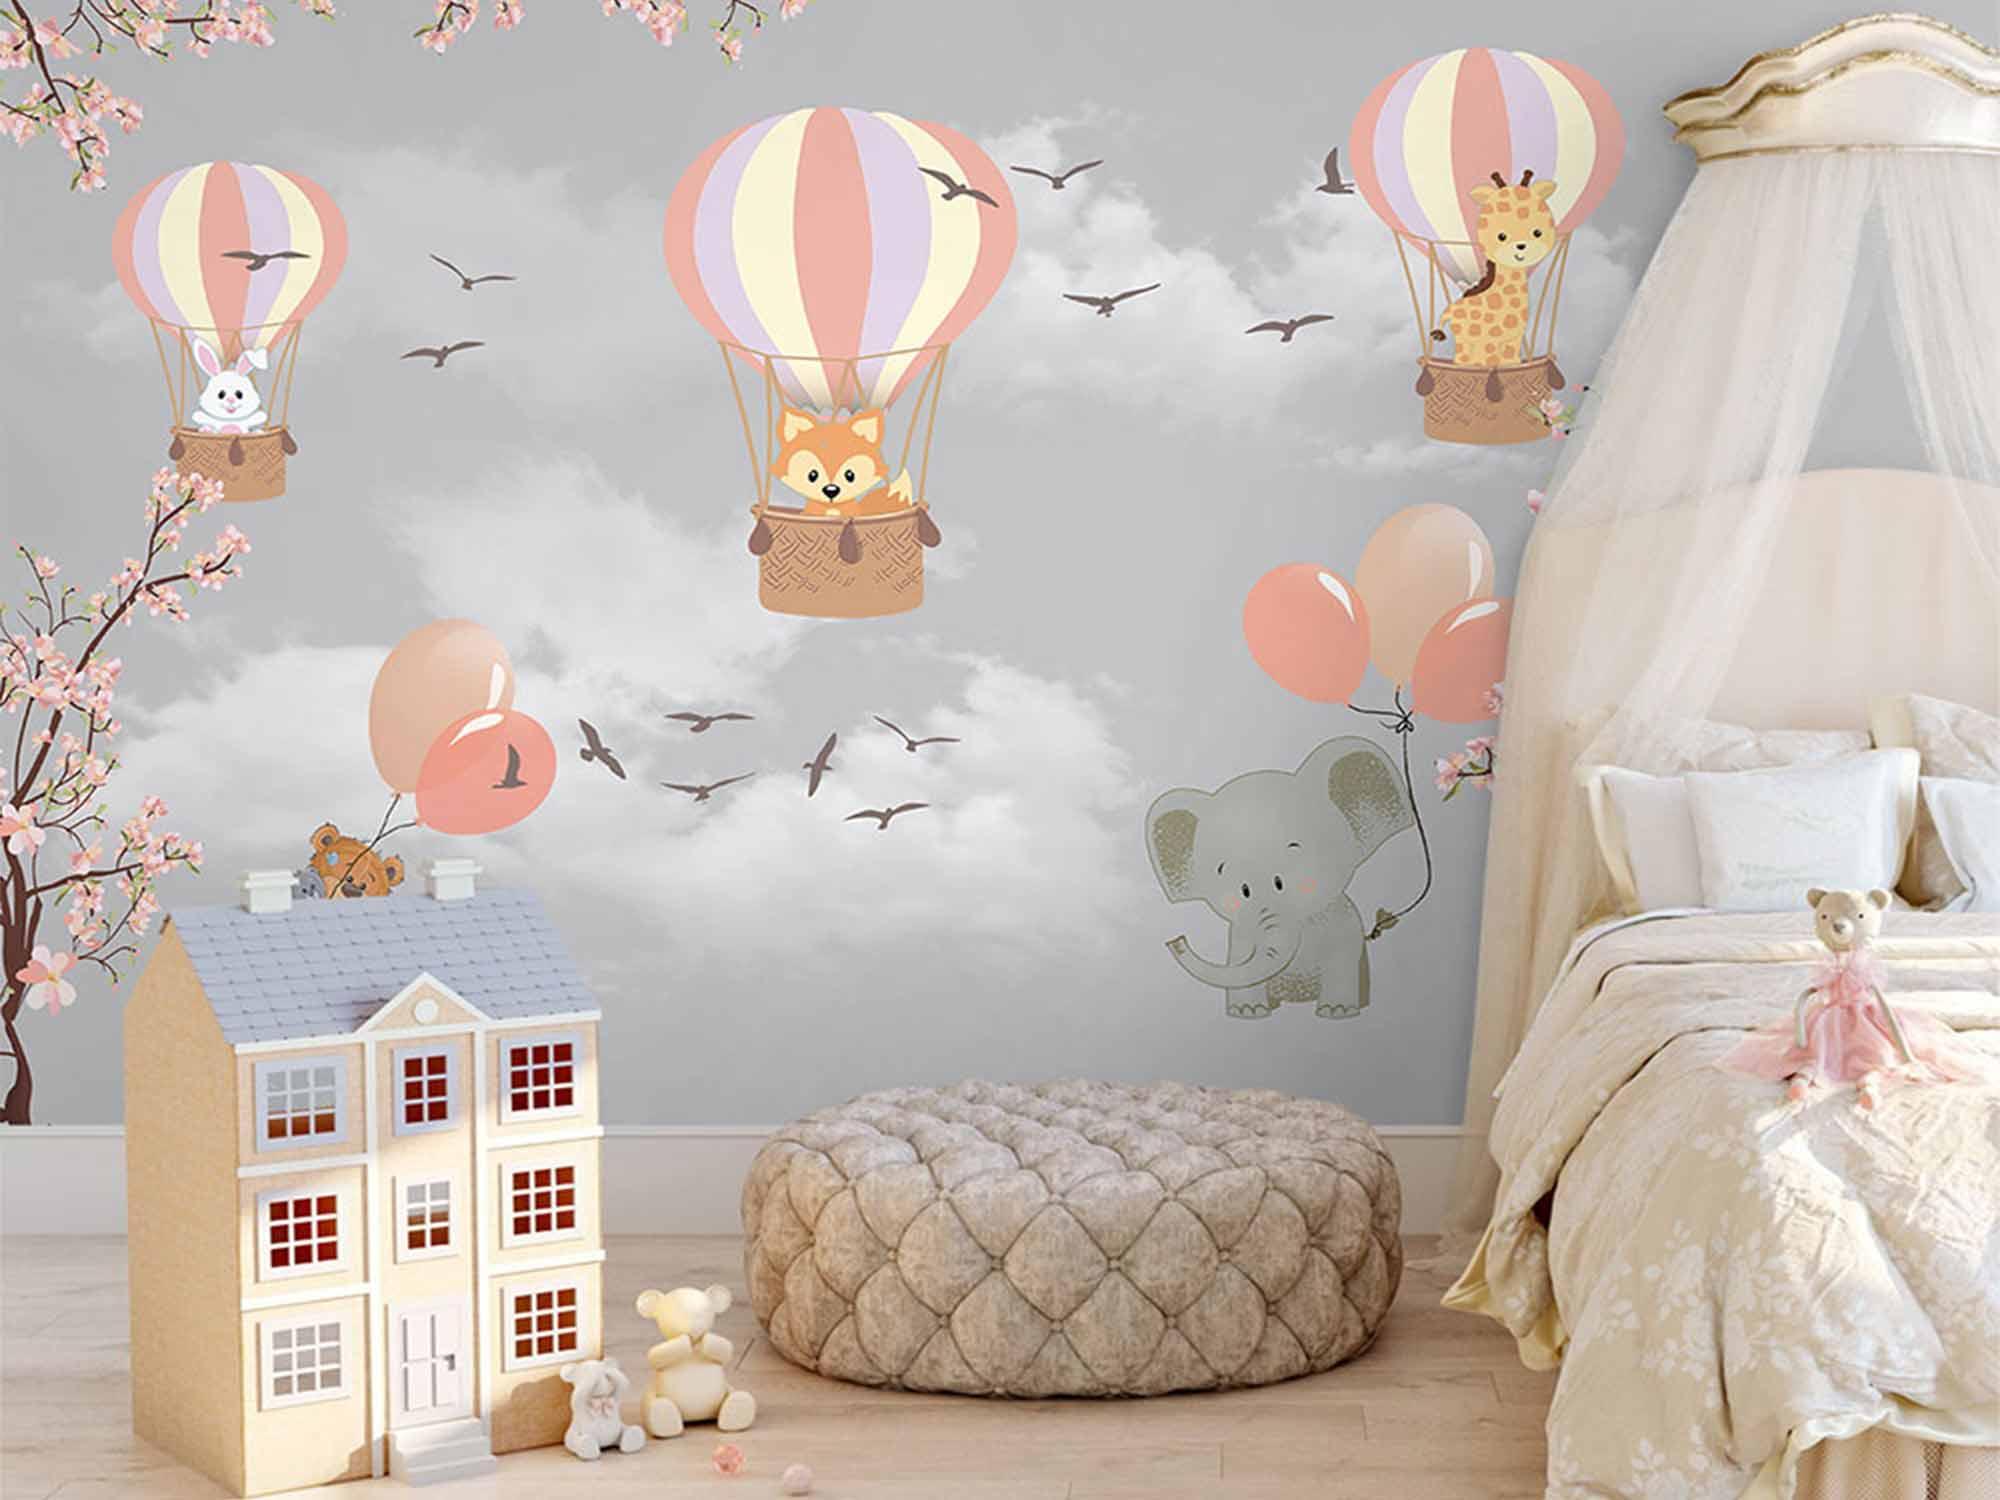 Papel de Parede Infantil Balões 0003 - Adesivo de Parede